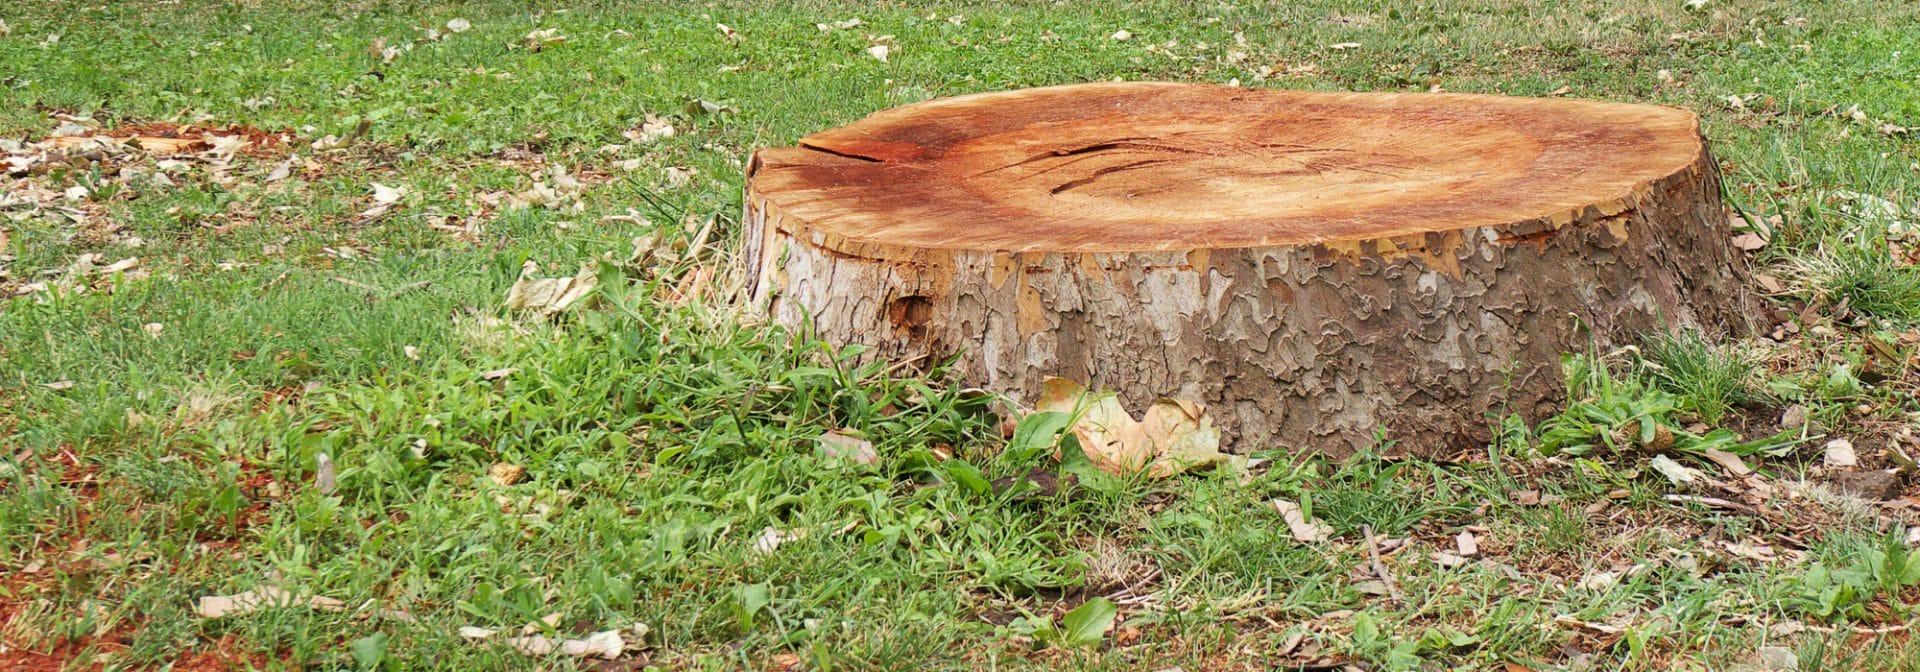 Souche d'arbre dans un parc